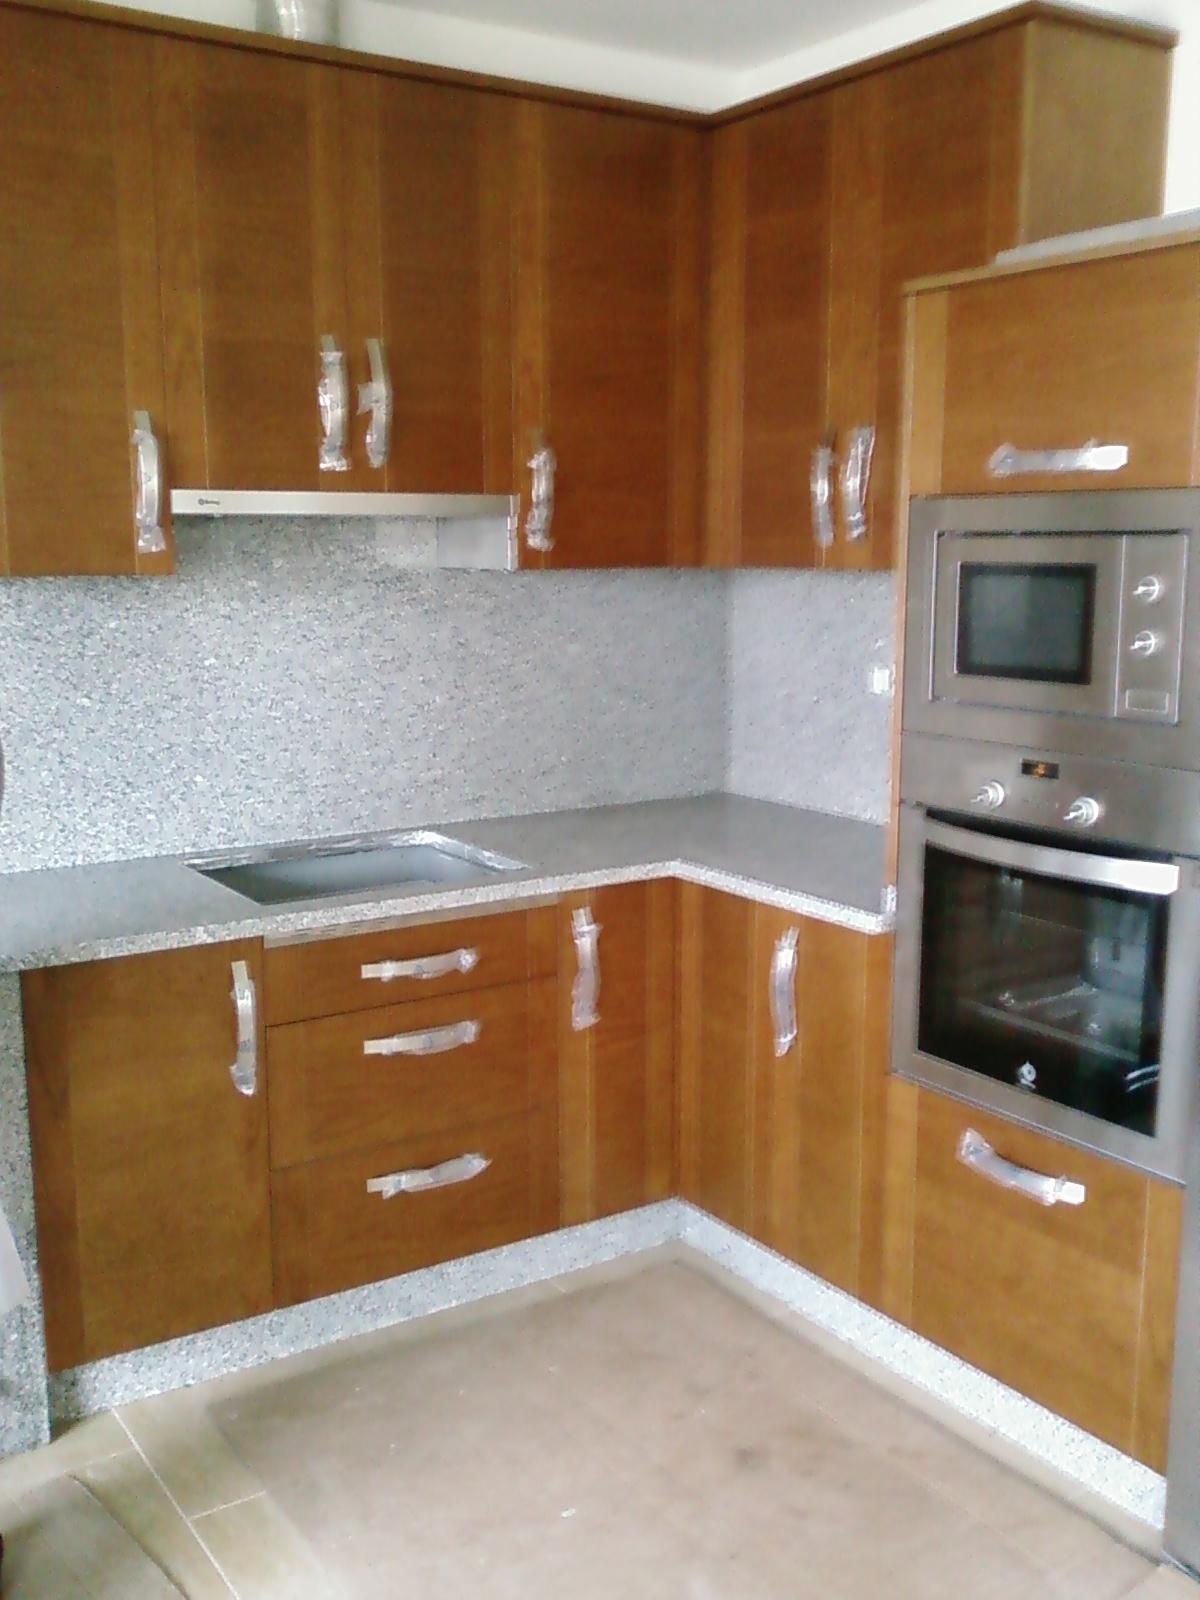 Encimeras de cocina y ba o tecnigranit - Colores de granito para encimeras de cocina ...